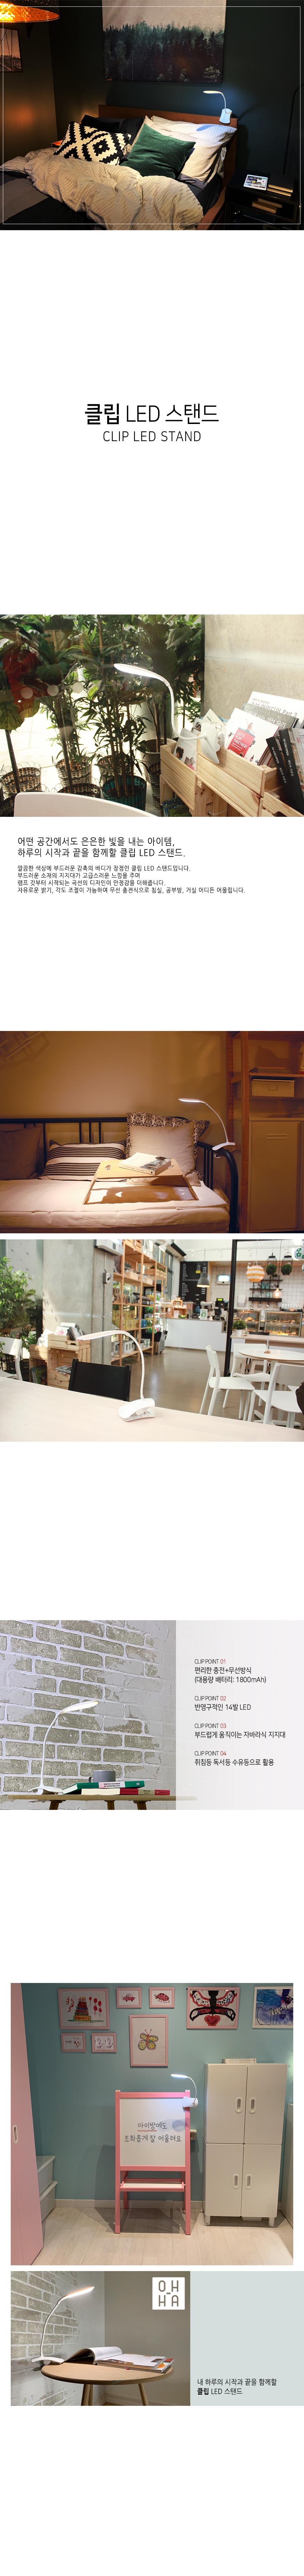 클립 LED 스탠드 - 오-하, 16,500원, 리빙조명, 학습조명